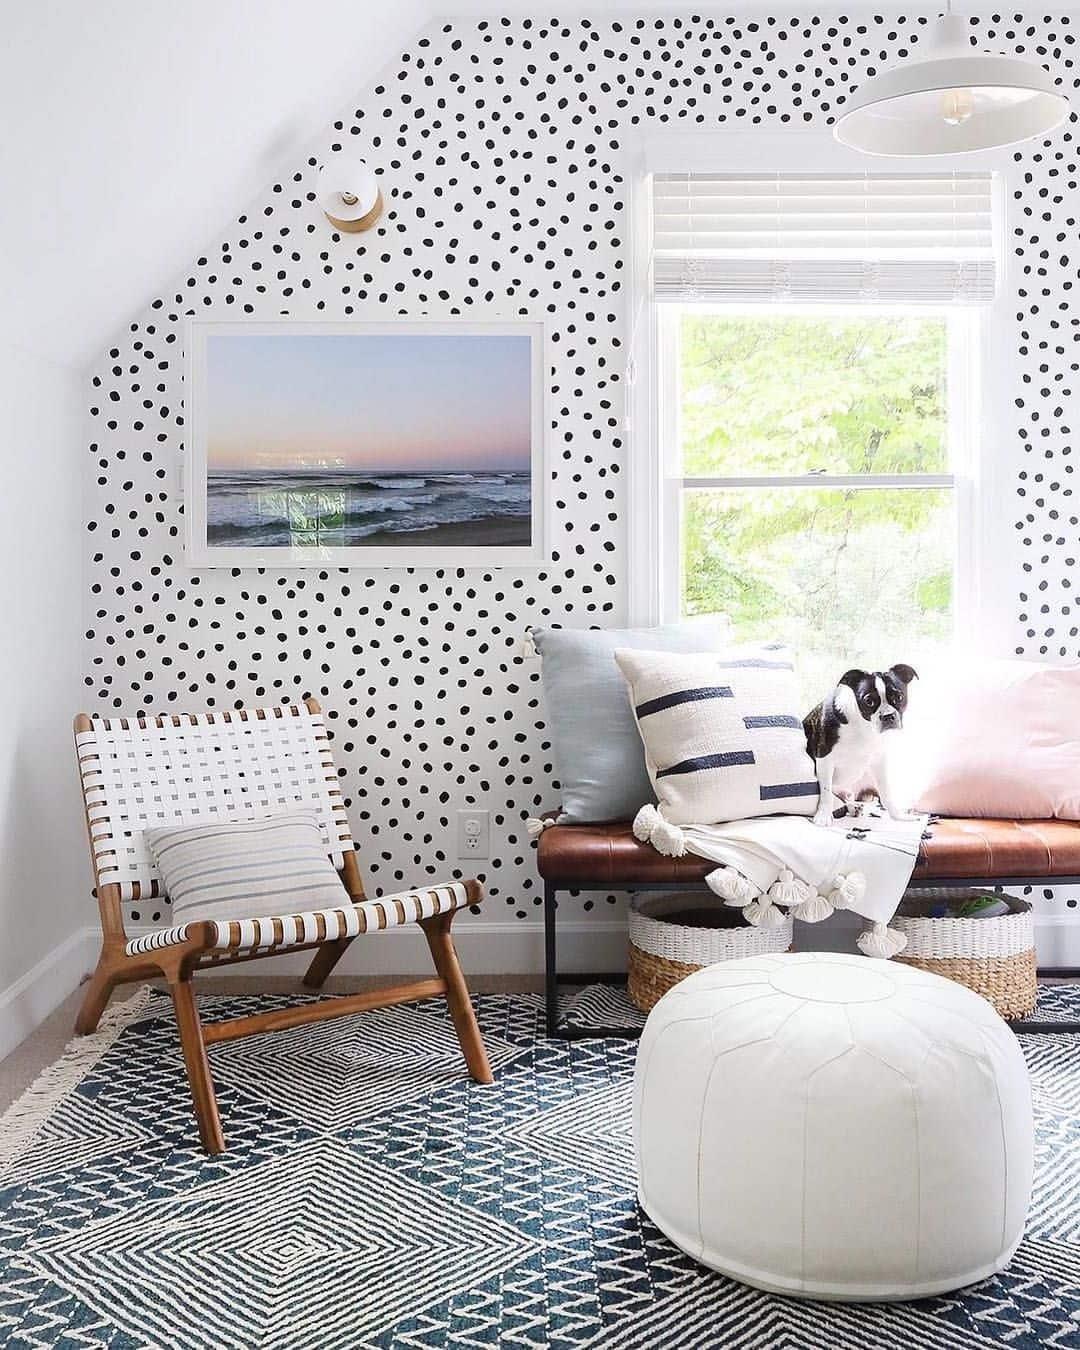 Умело подобранные детали интерьера, где каждый предмет мебели прекрасно сливается с цветом стен